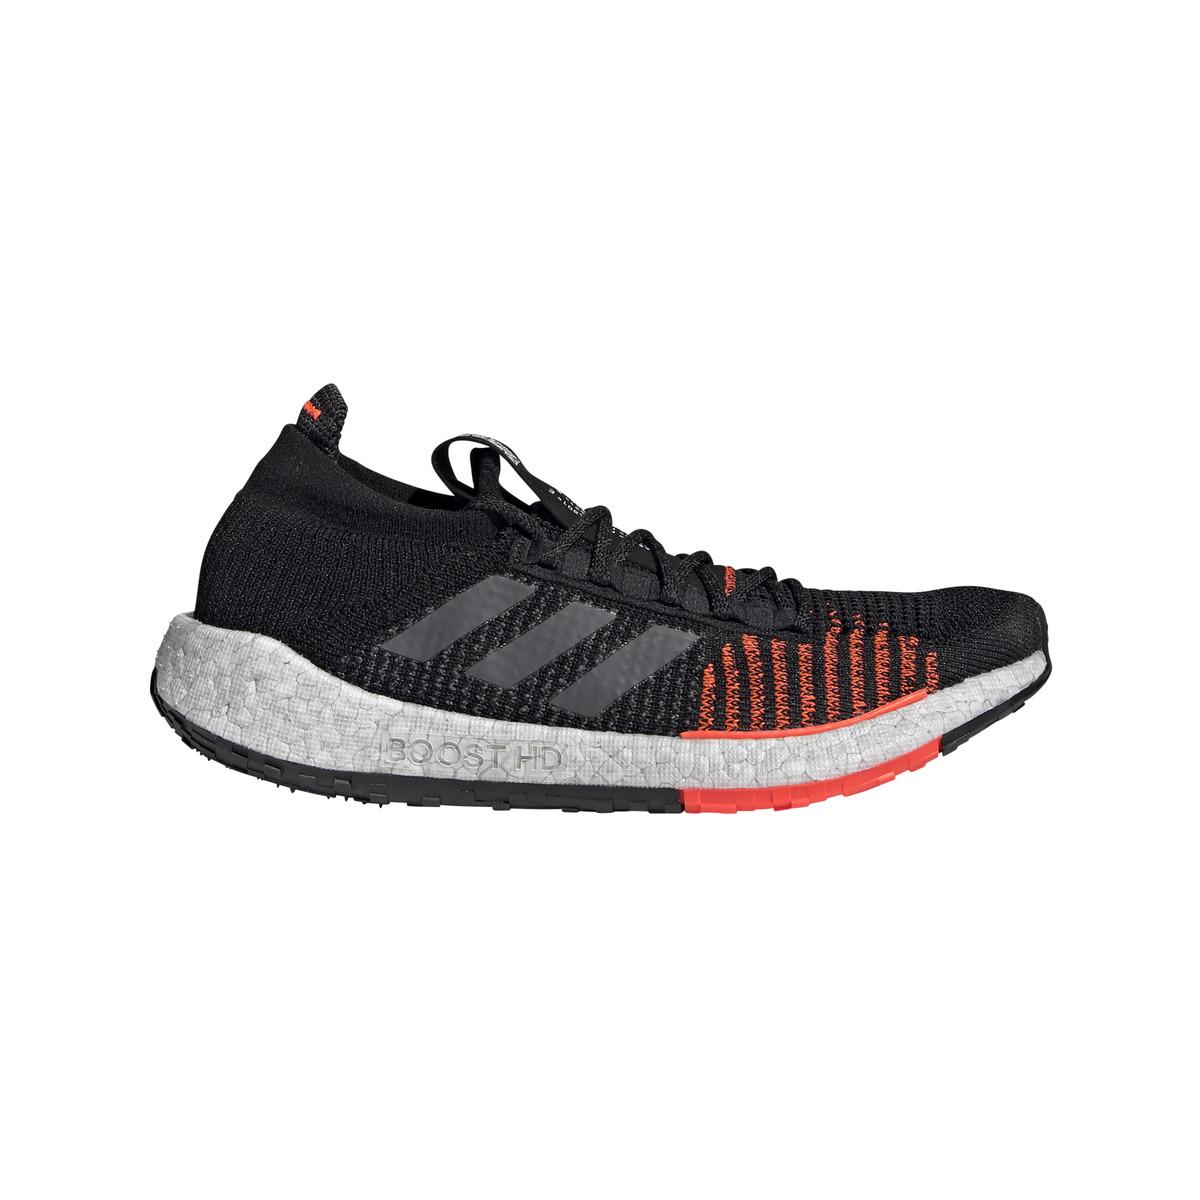 Zapatillas de running de hombre PulseBoost HD adidas